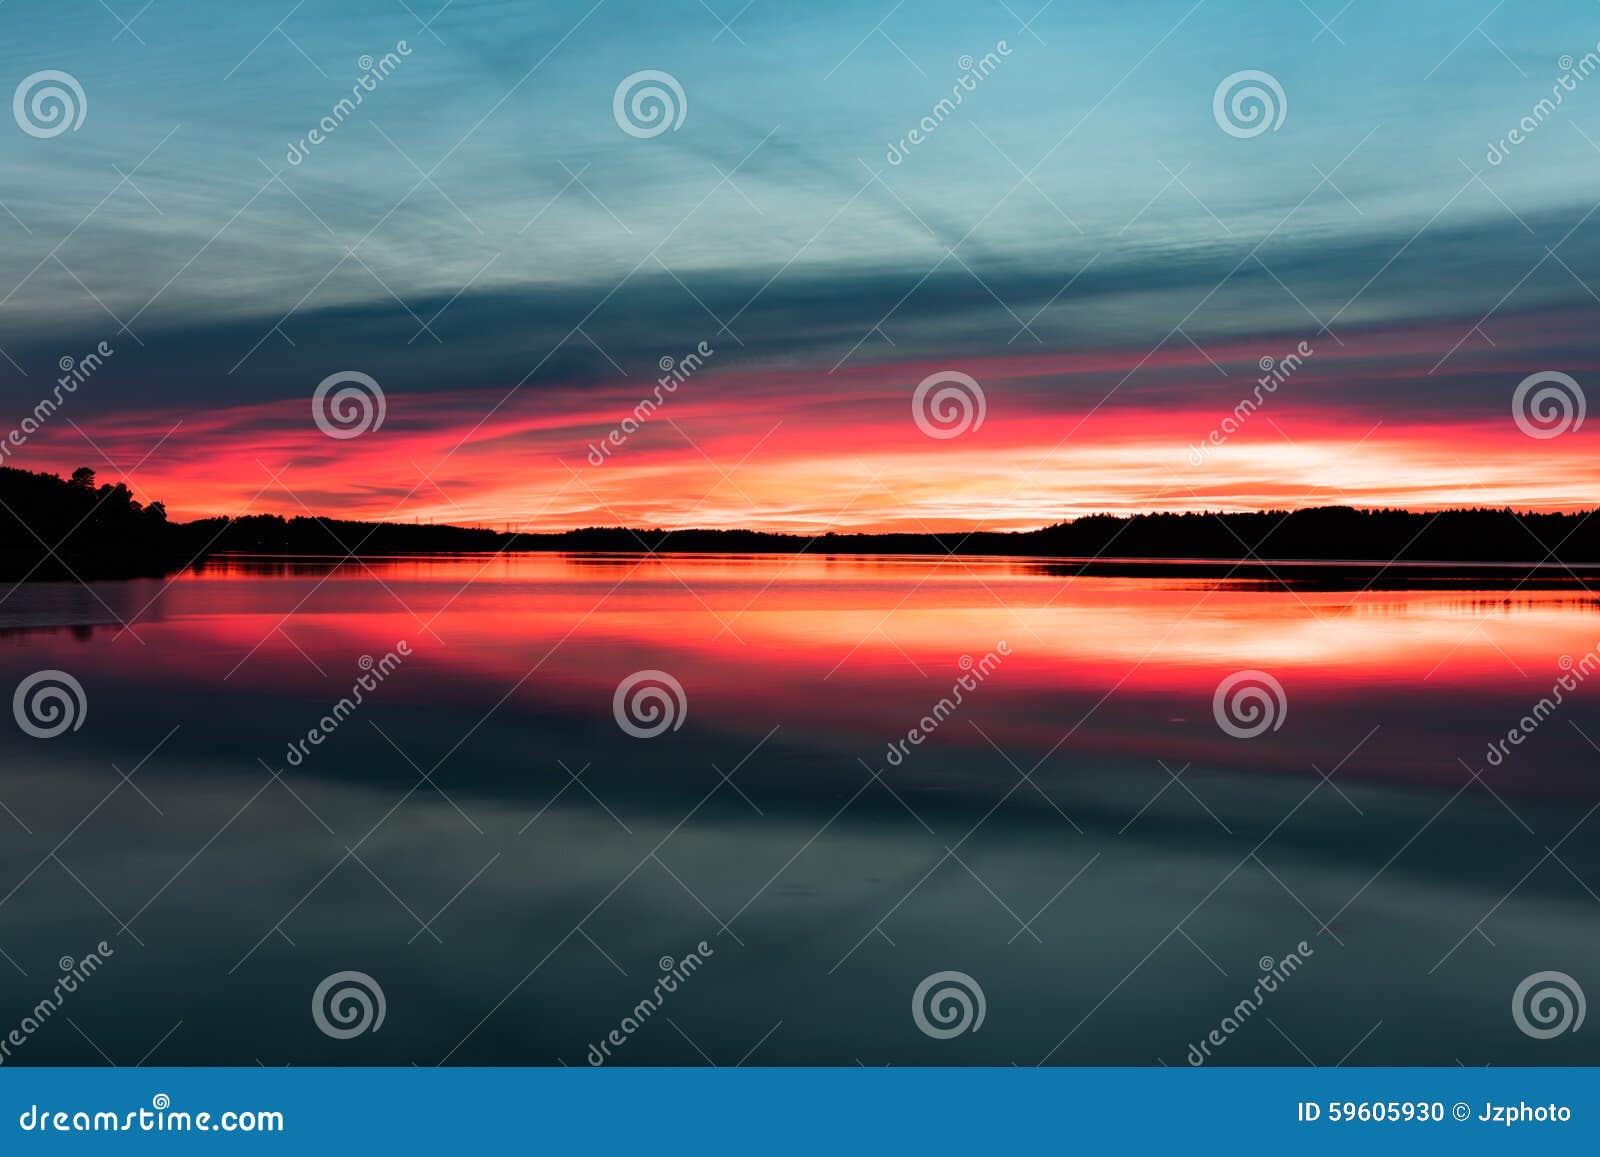 Καταπληκτικά χρώματα ηλιοβασιλέματος